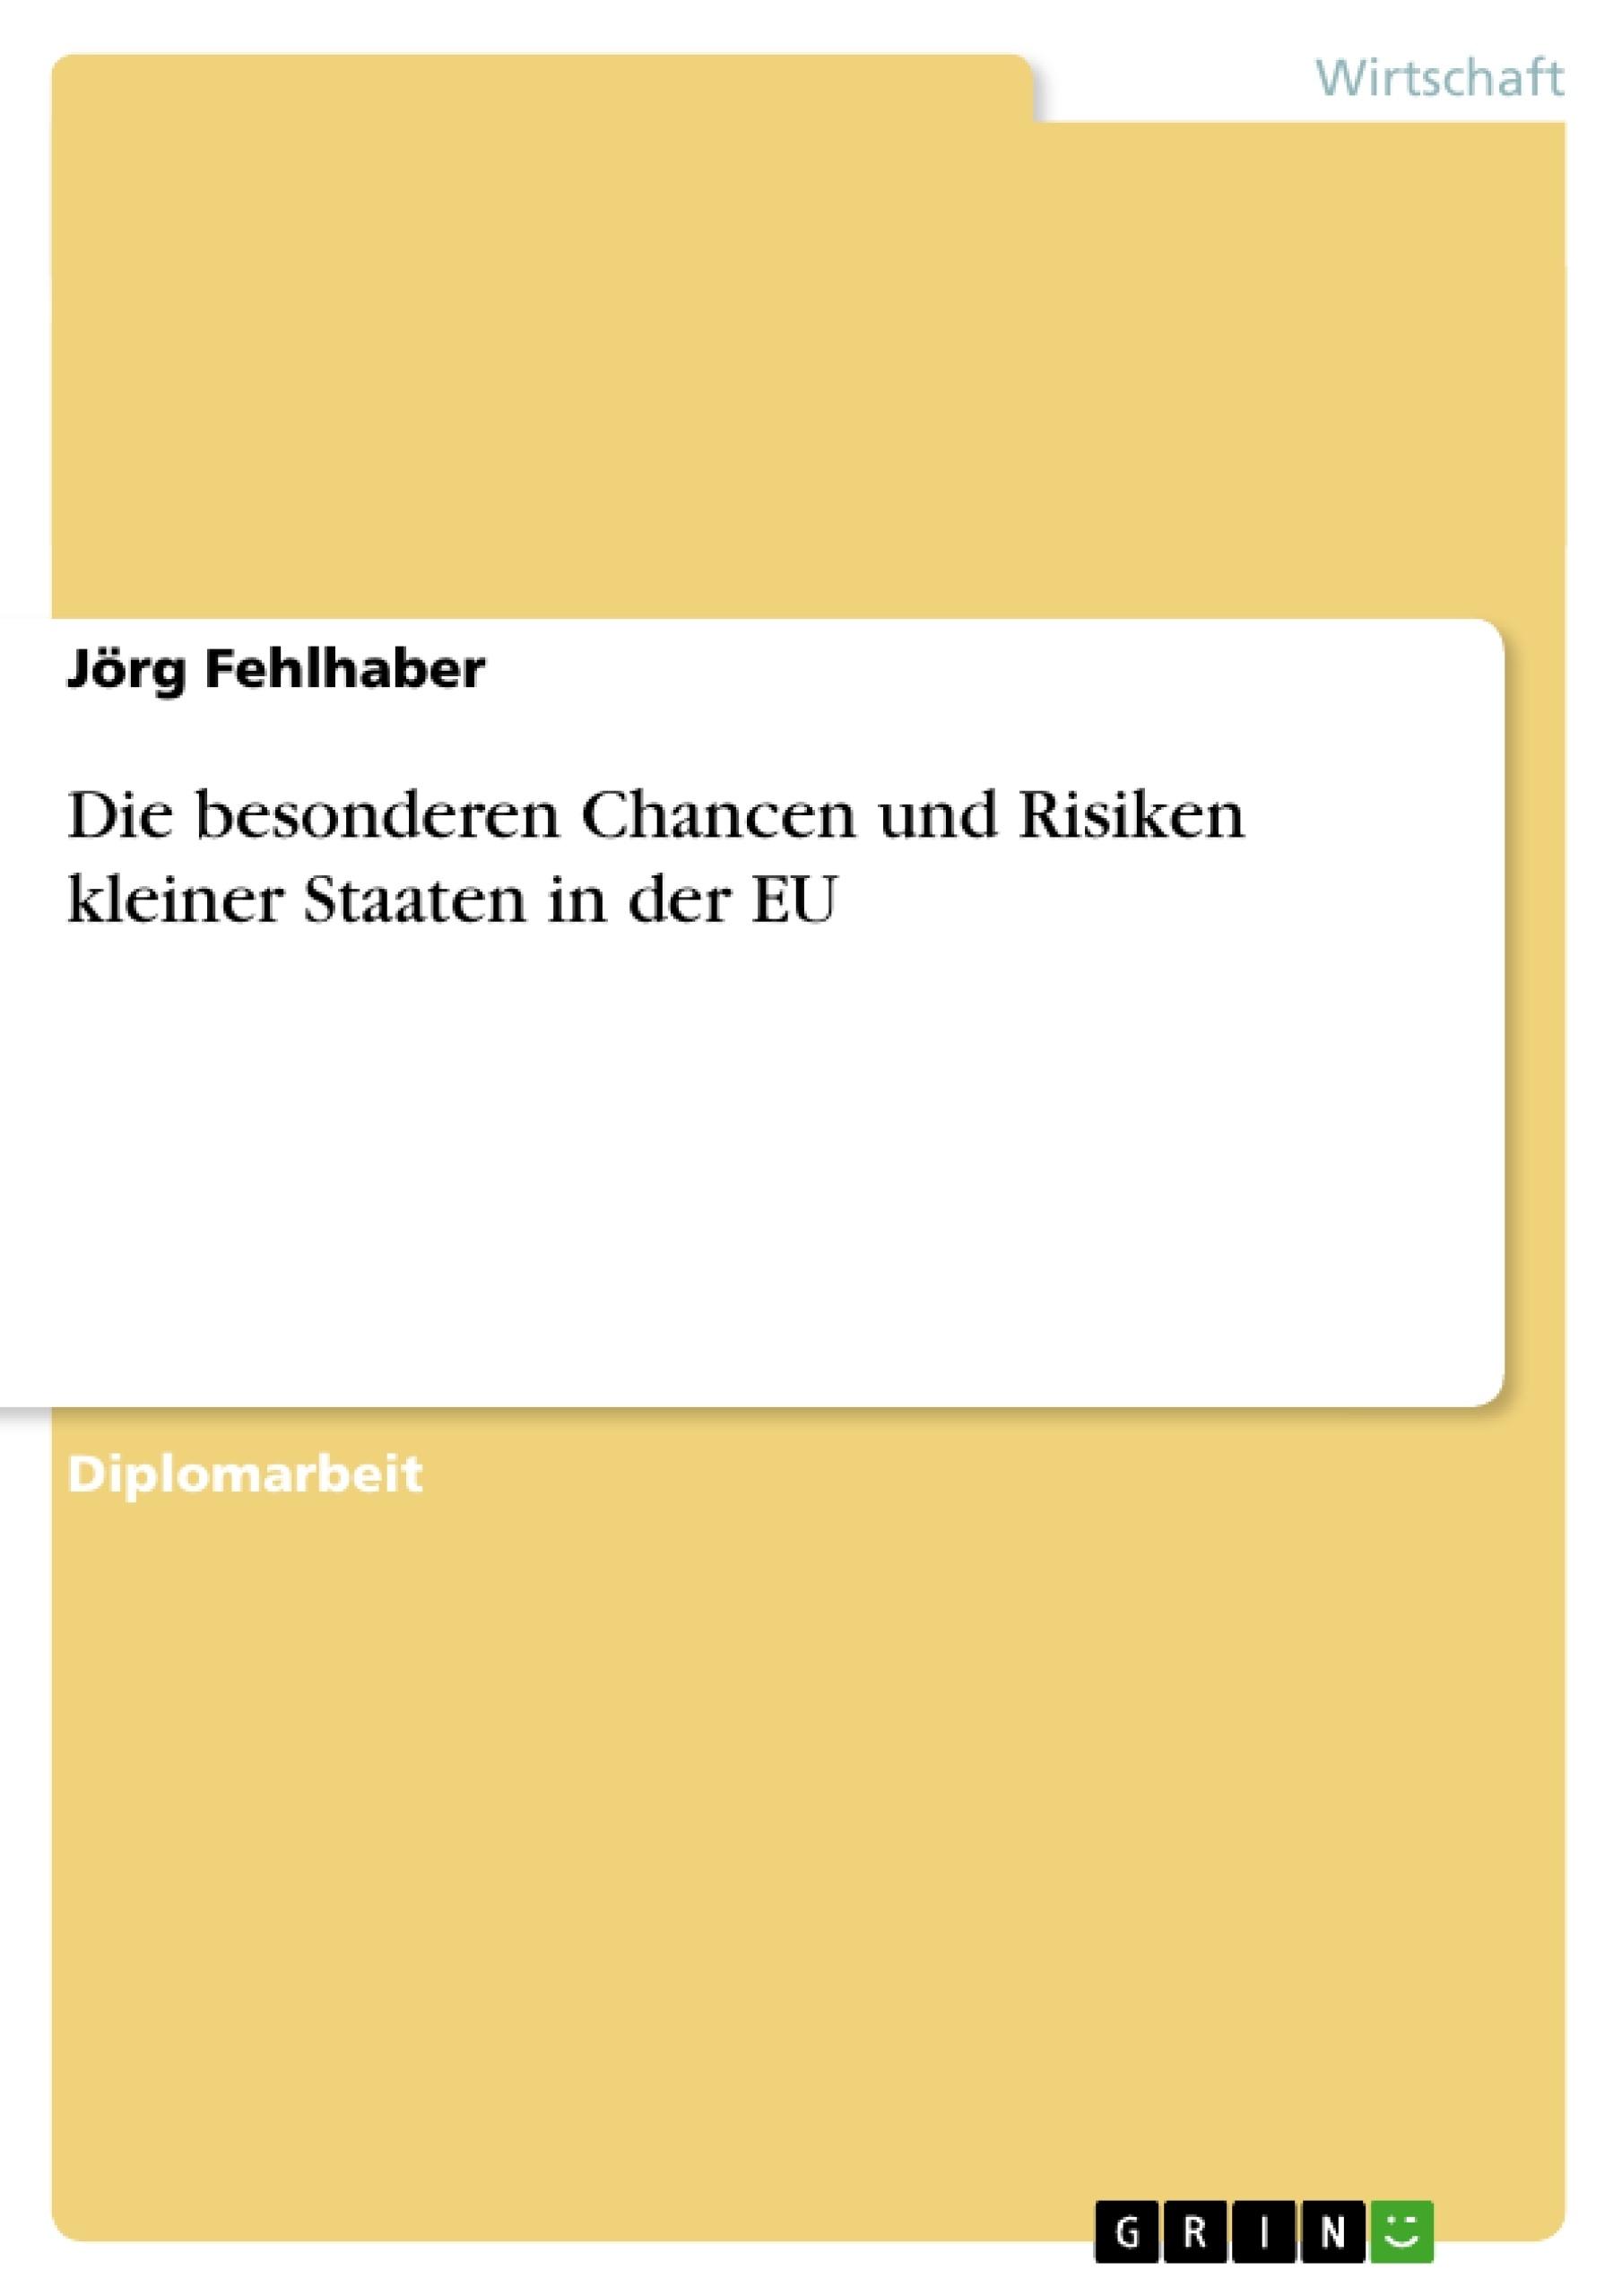 Titel: Die besonderen Chancen und Risiken kleiner Staaten in der EU